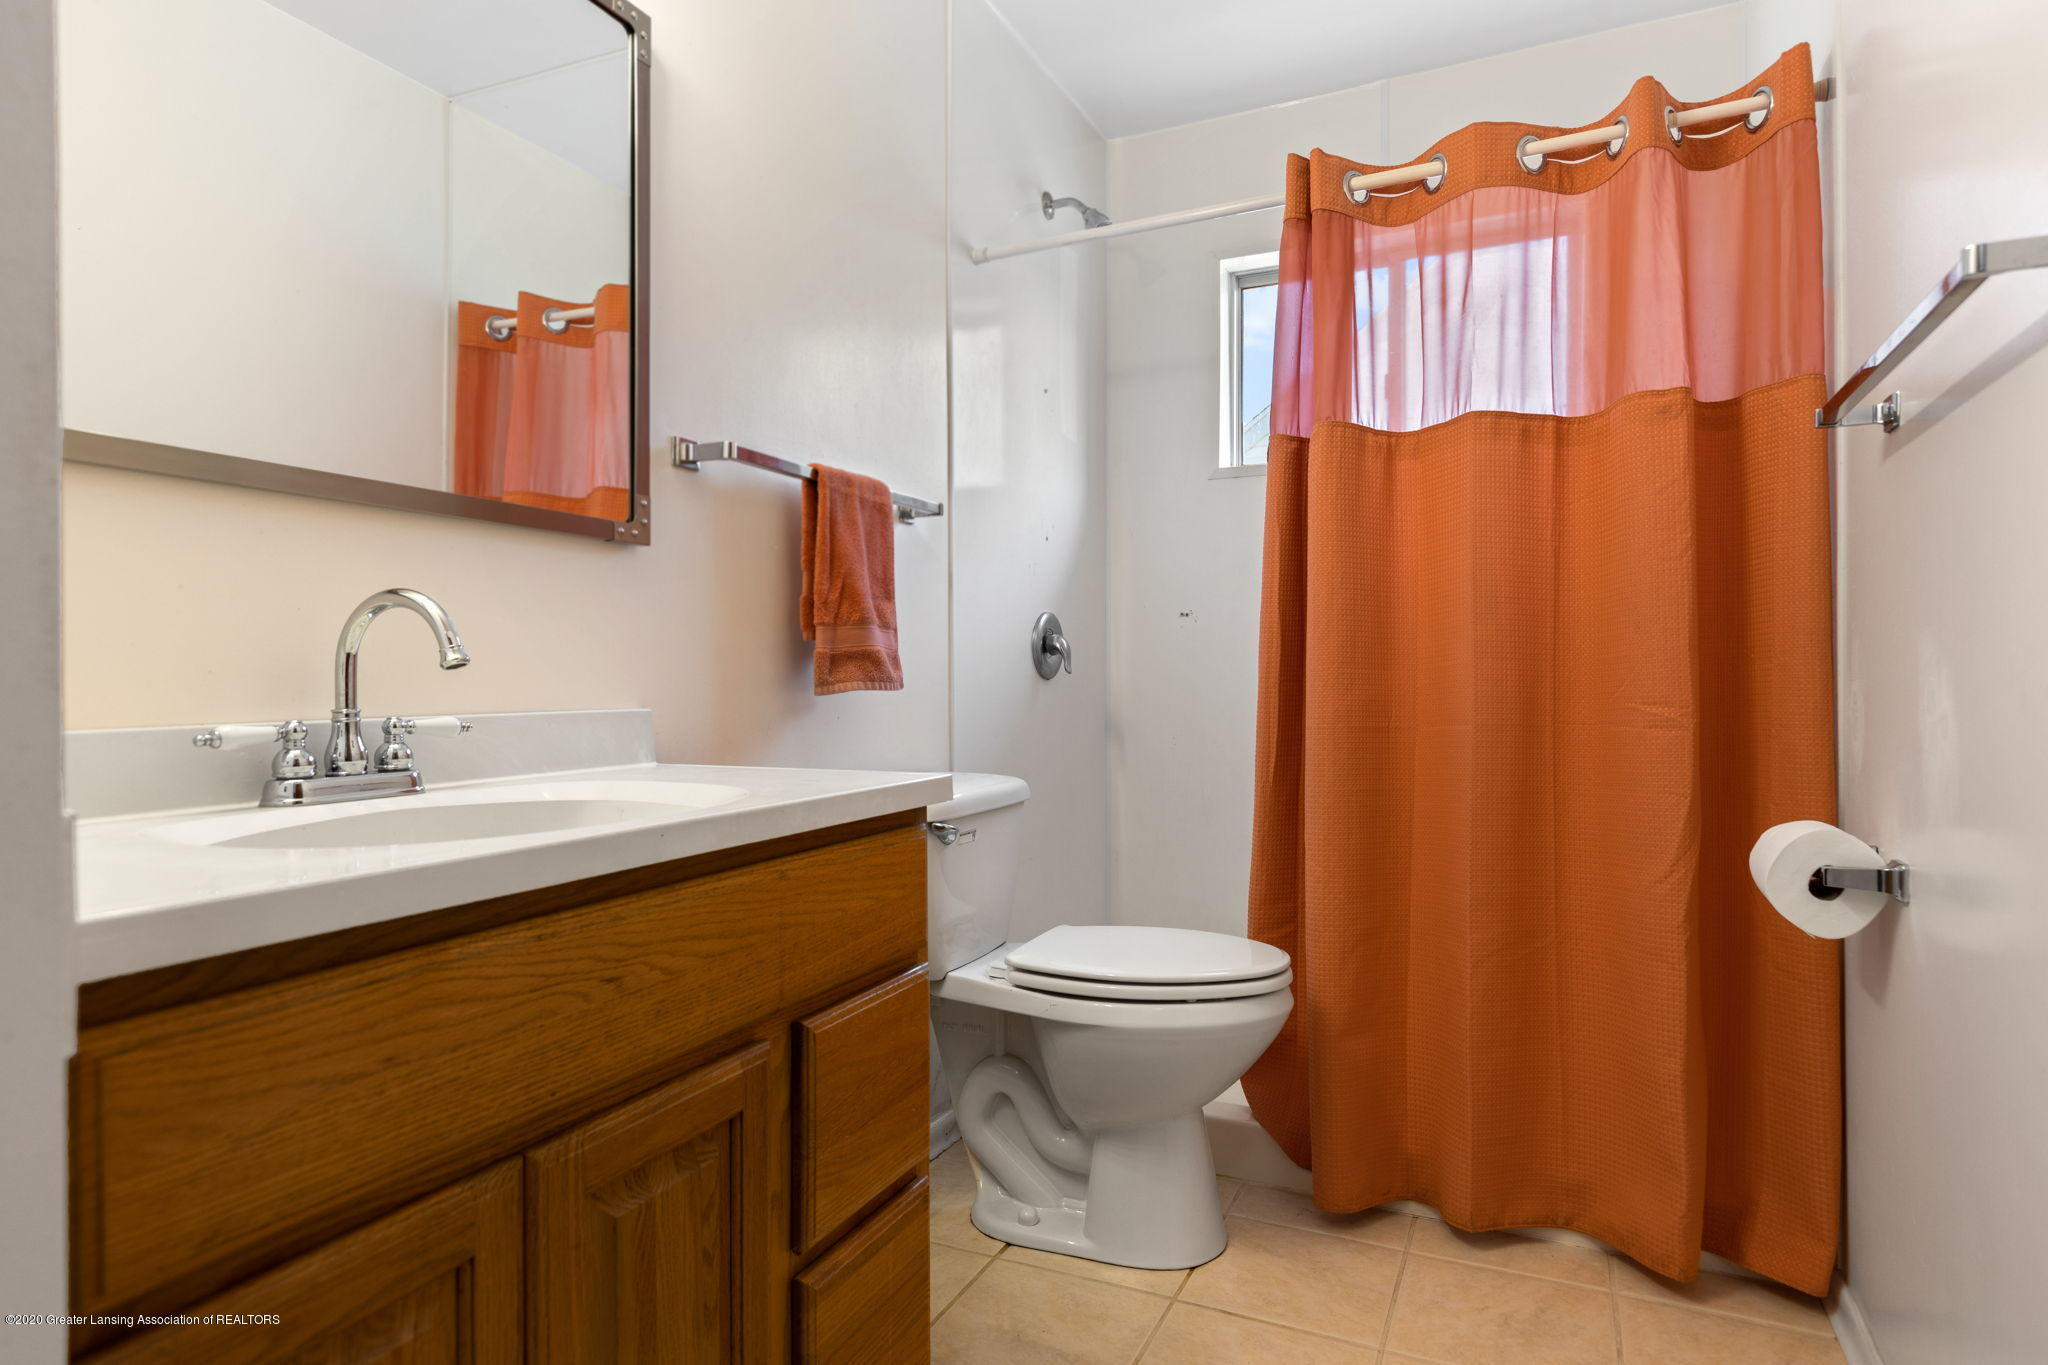 3619 Burchfield Dr - Bathroom - 14